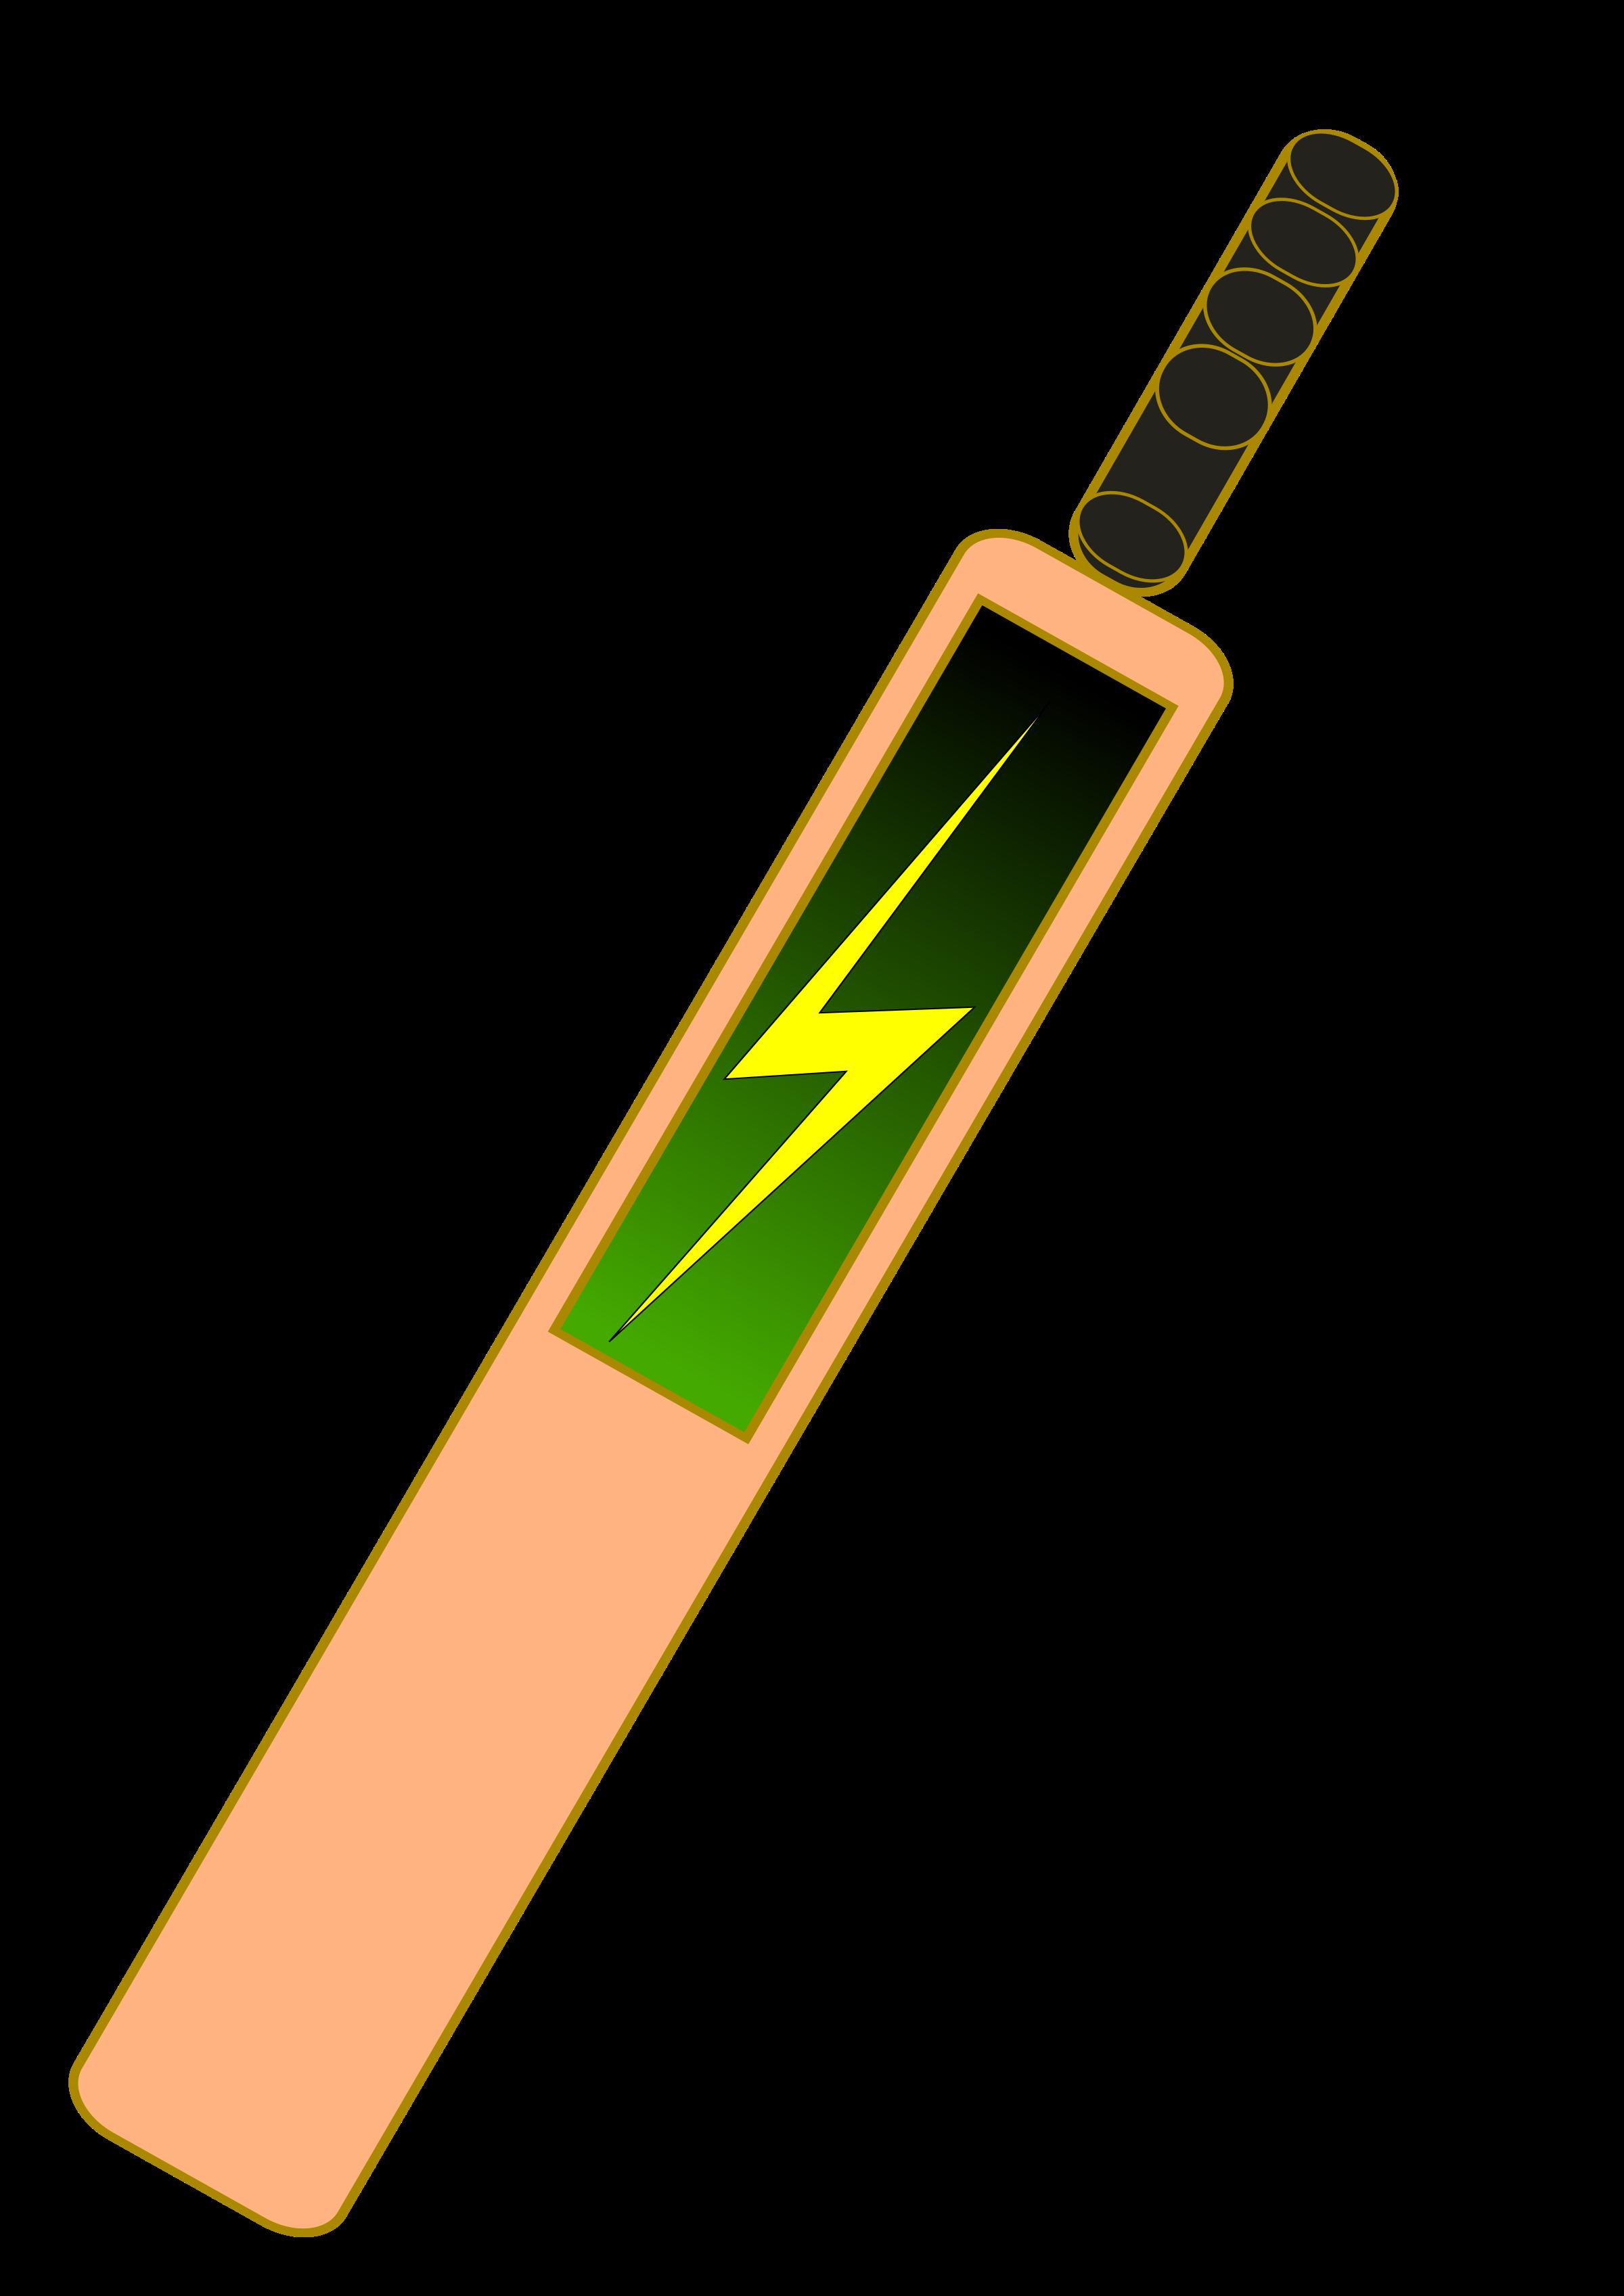 Clipart of cricket bat.